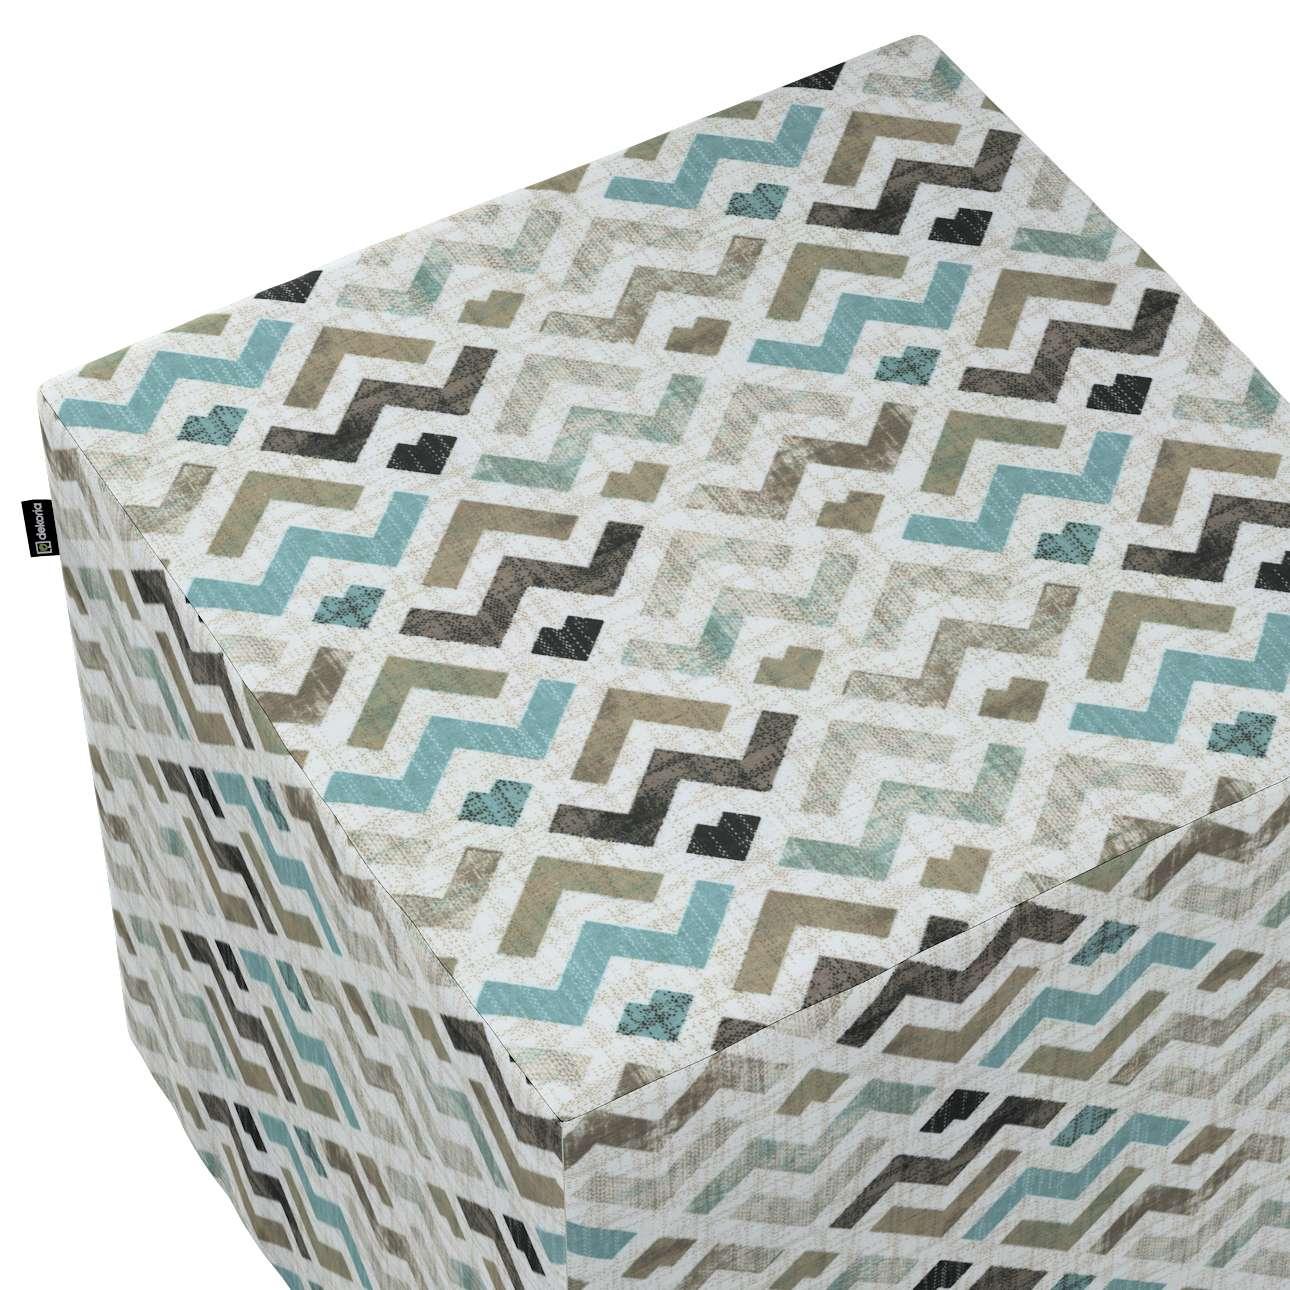 Pokrowiec na pufę kostkę w kolekcji Modern, tkanina: 141-93